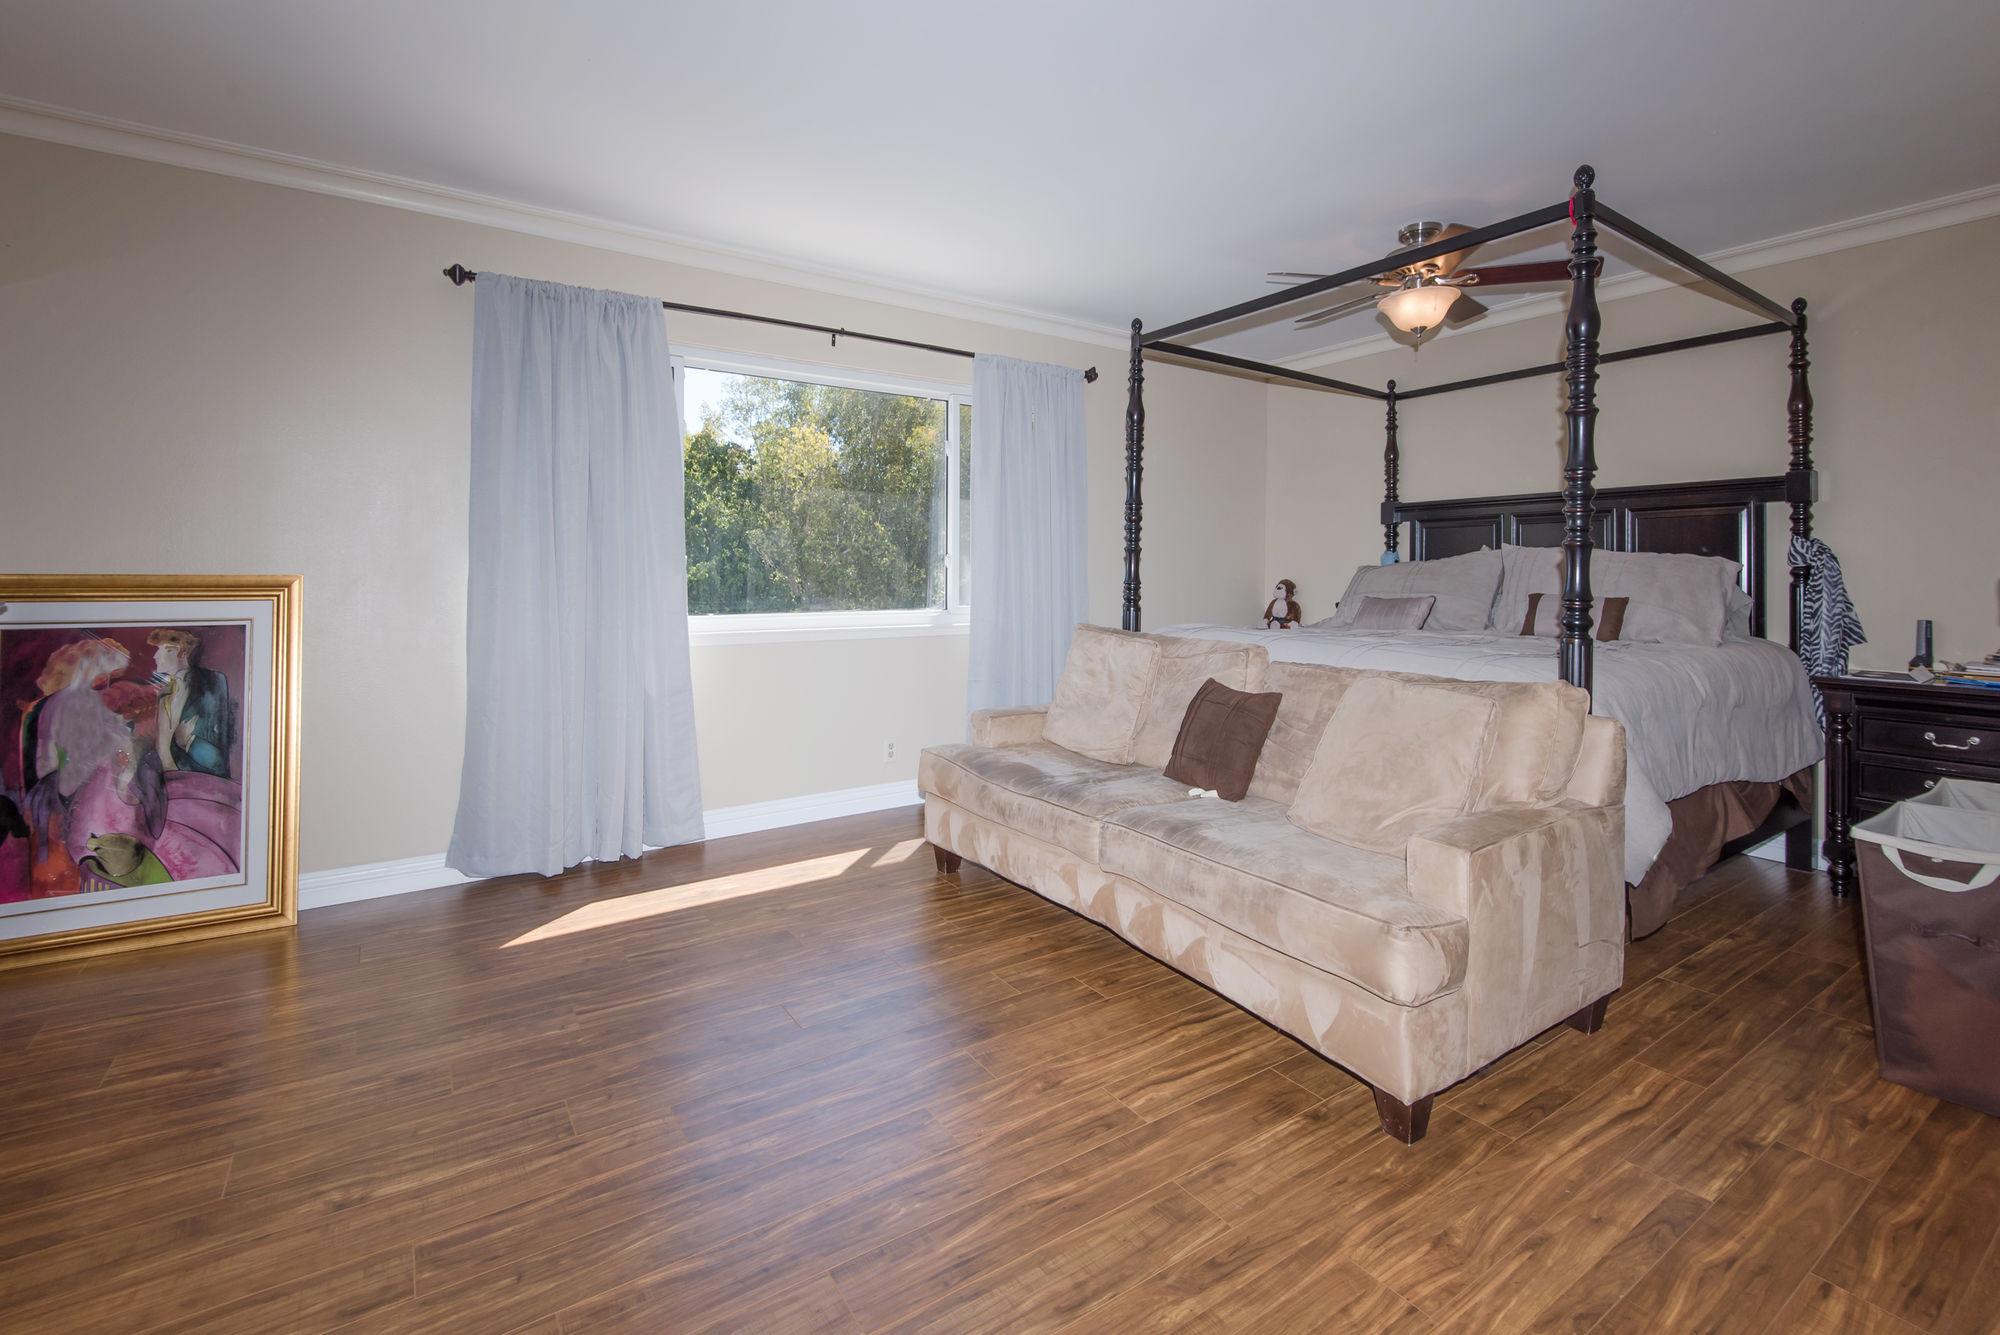 2000px-Master_Bedroom_B.jpg